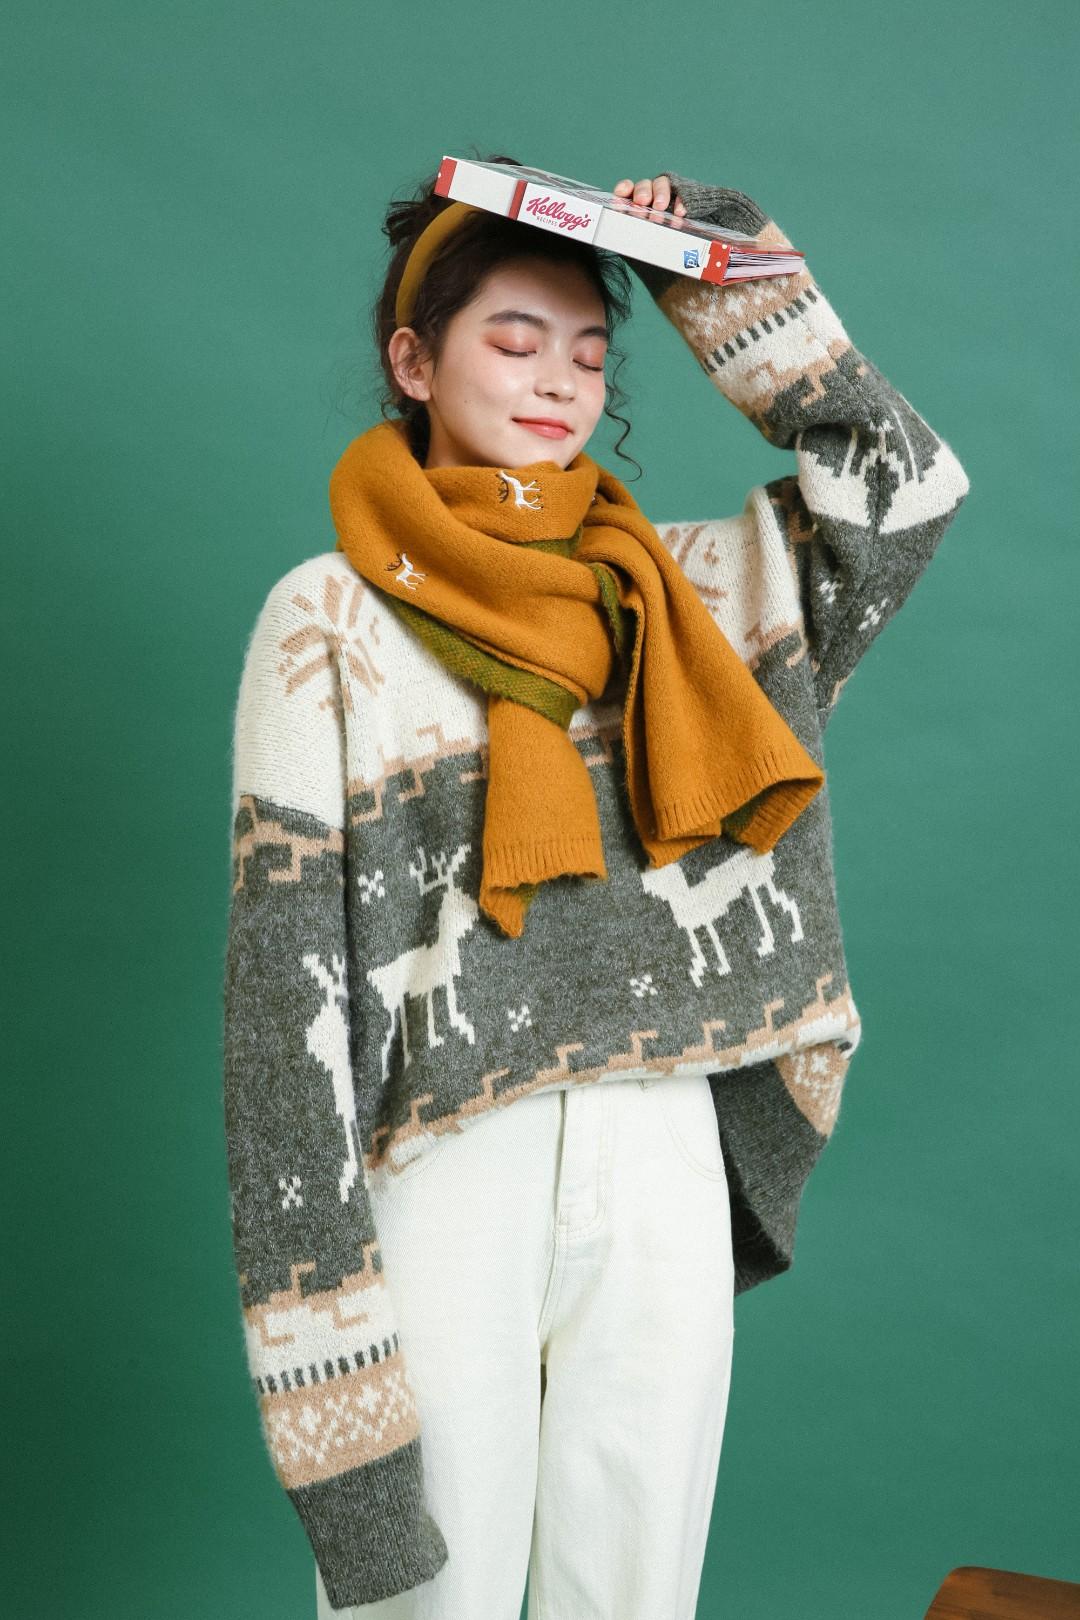 #圣诞心愿好物集#这款提花毛衣一看就是圣诞款🎅,螺纹圆领套头设计基础又实用😘,麋鹿和雪花图案点缀圣诞气息🎄,不同色彩和花纹碰撞打破单调✨,纱线细腻柔软上身毫无束缚感,💫搭配西装毛呢装有点小复古哦😜